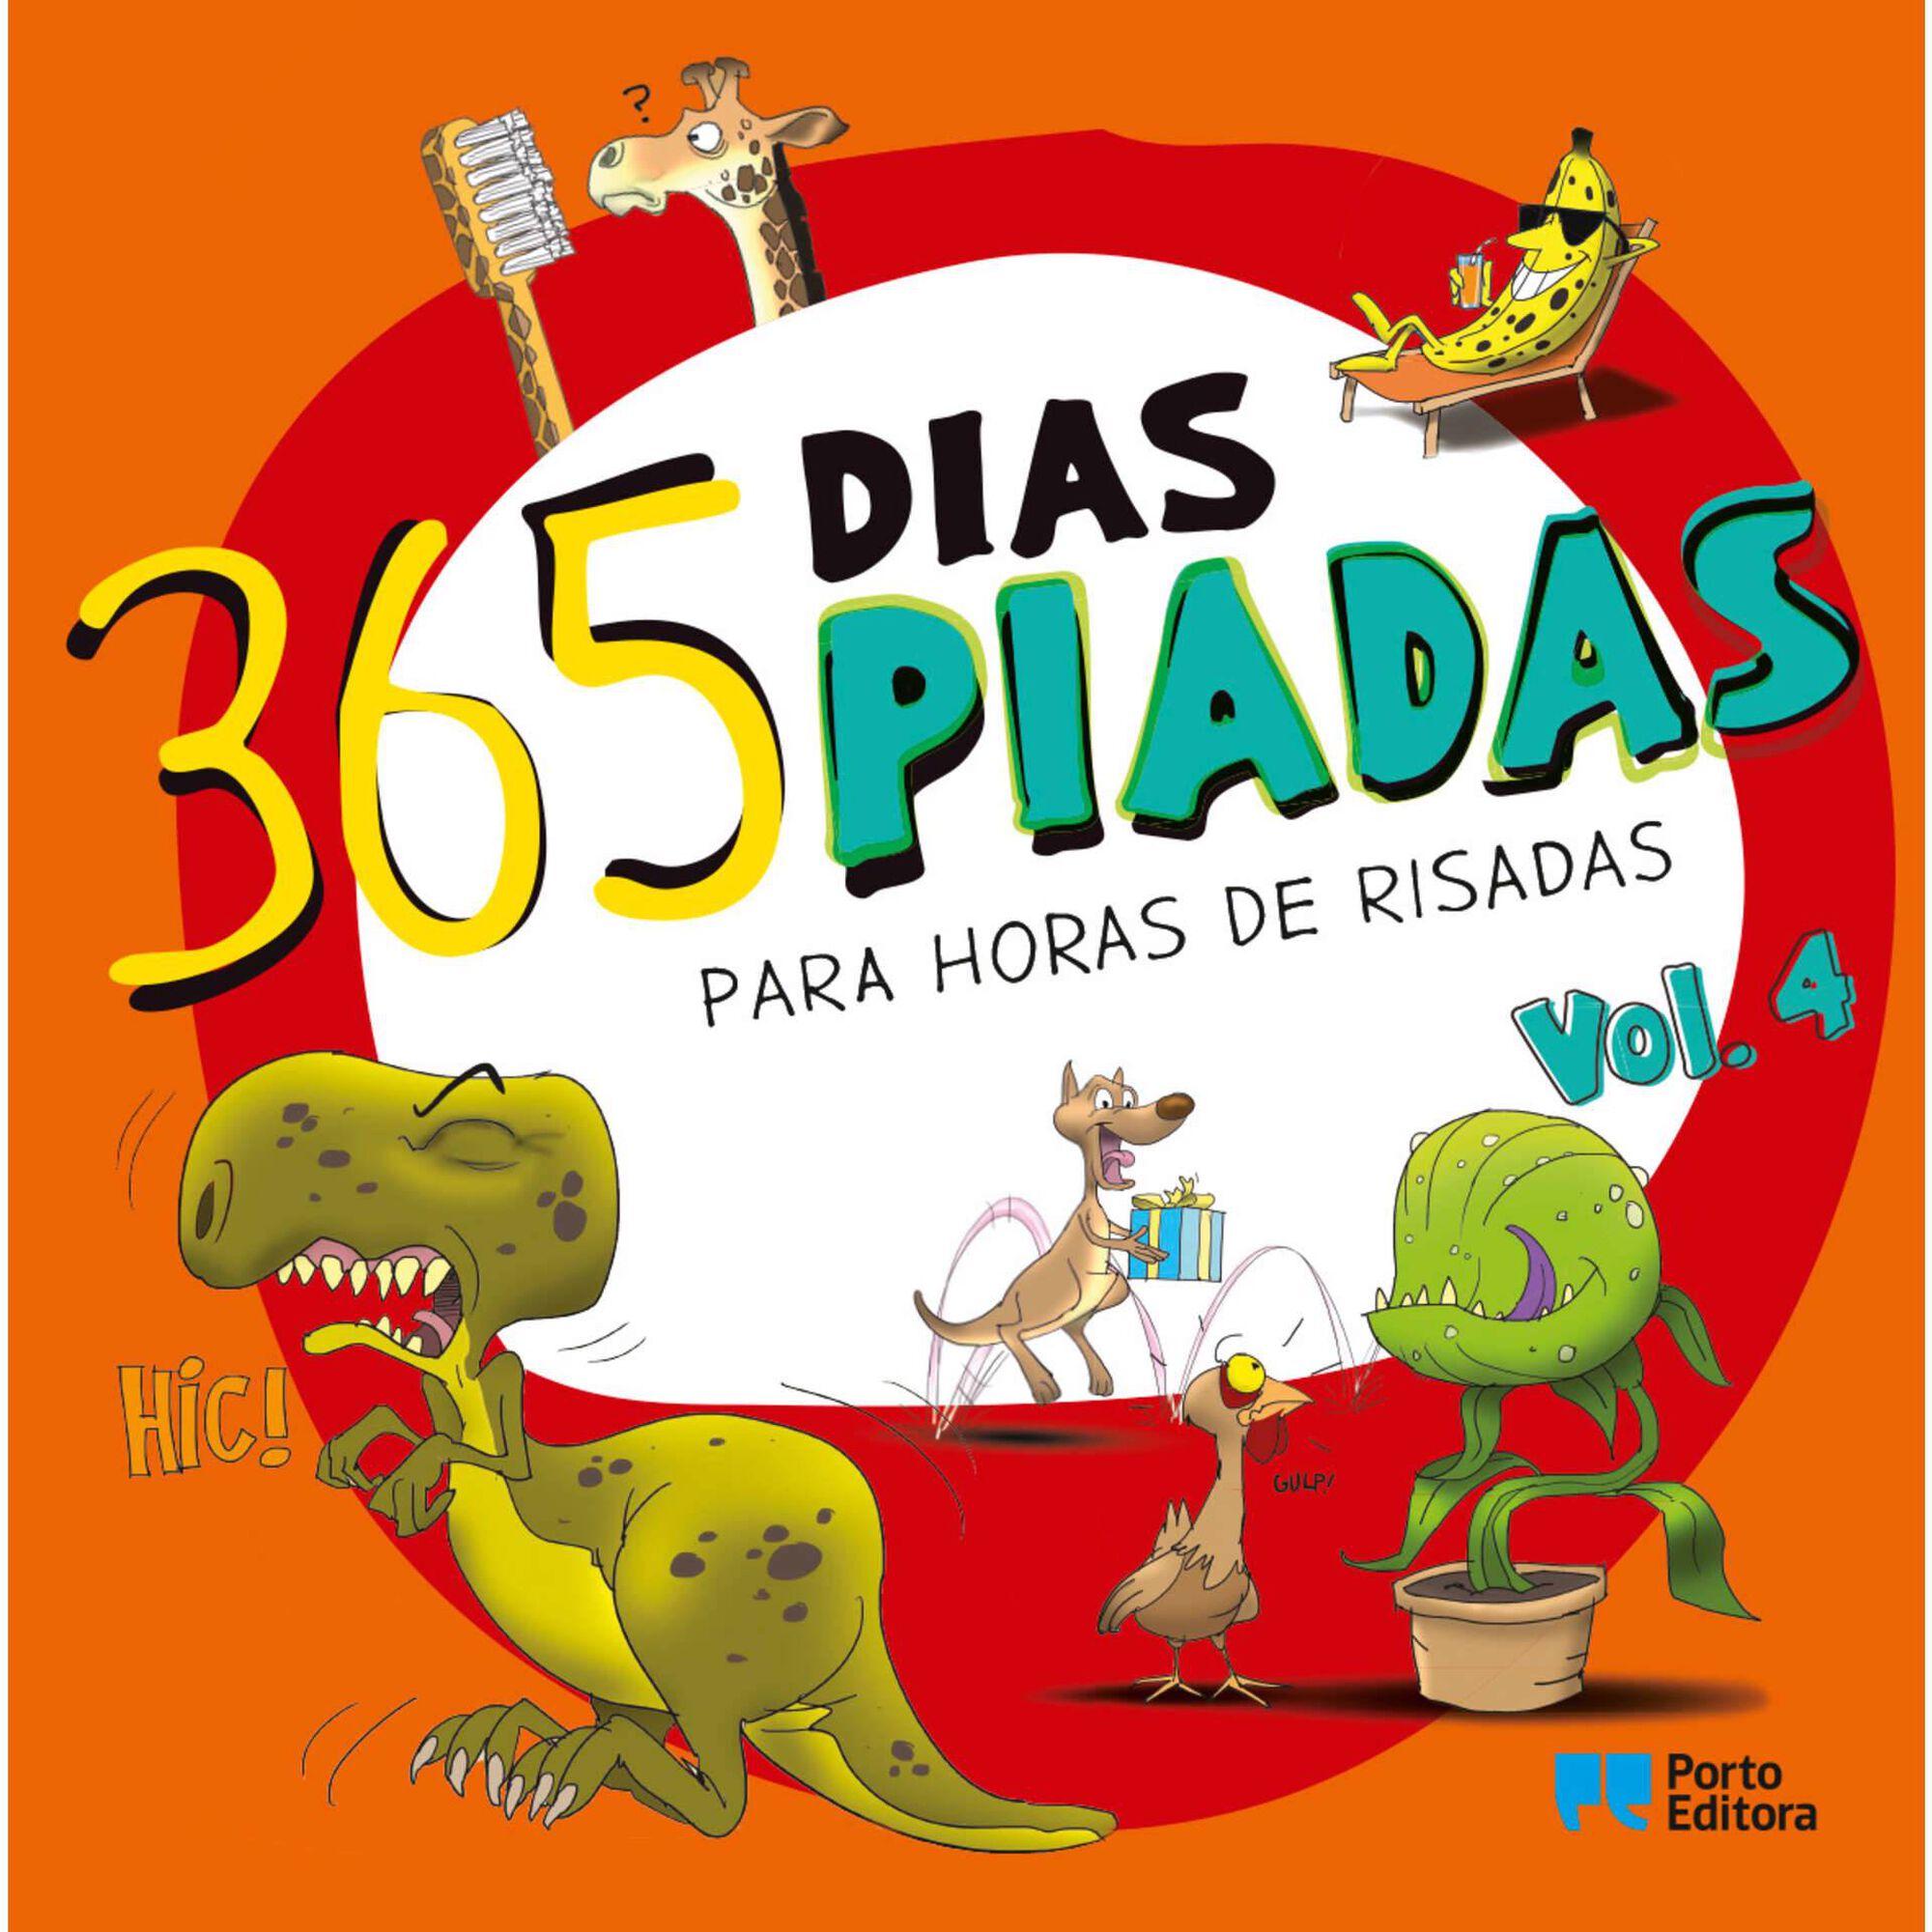 365 Dias, 365 Piadas - Para Horas de Risadas